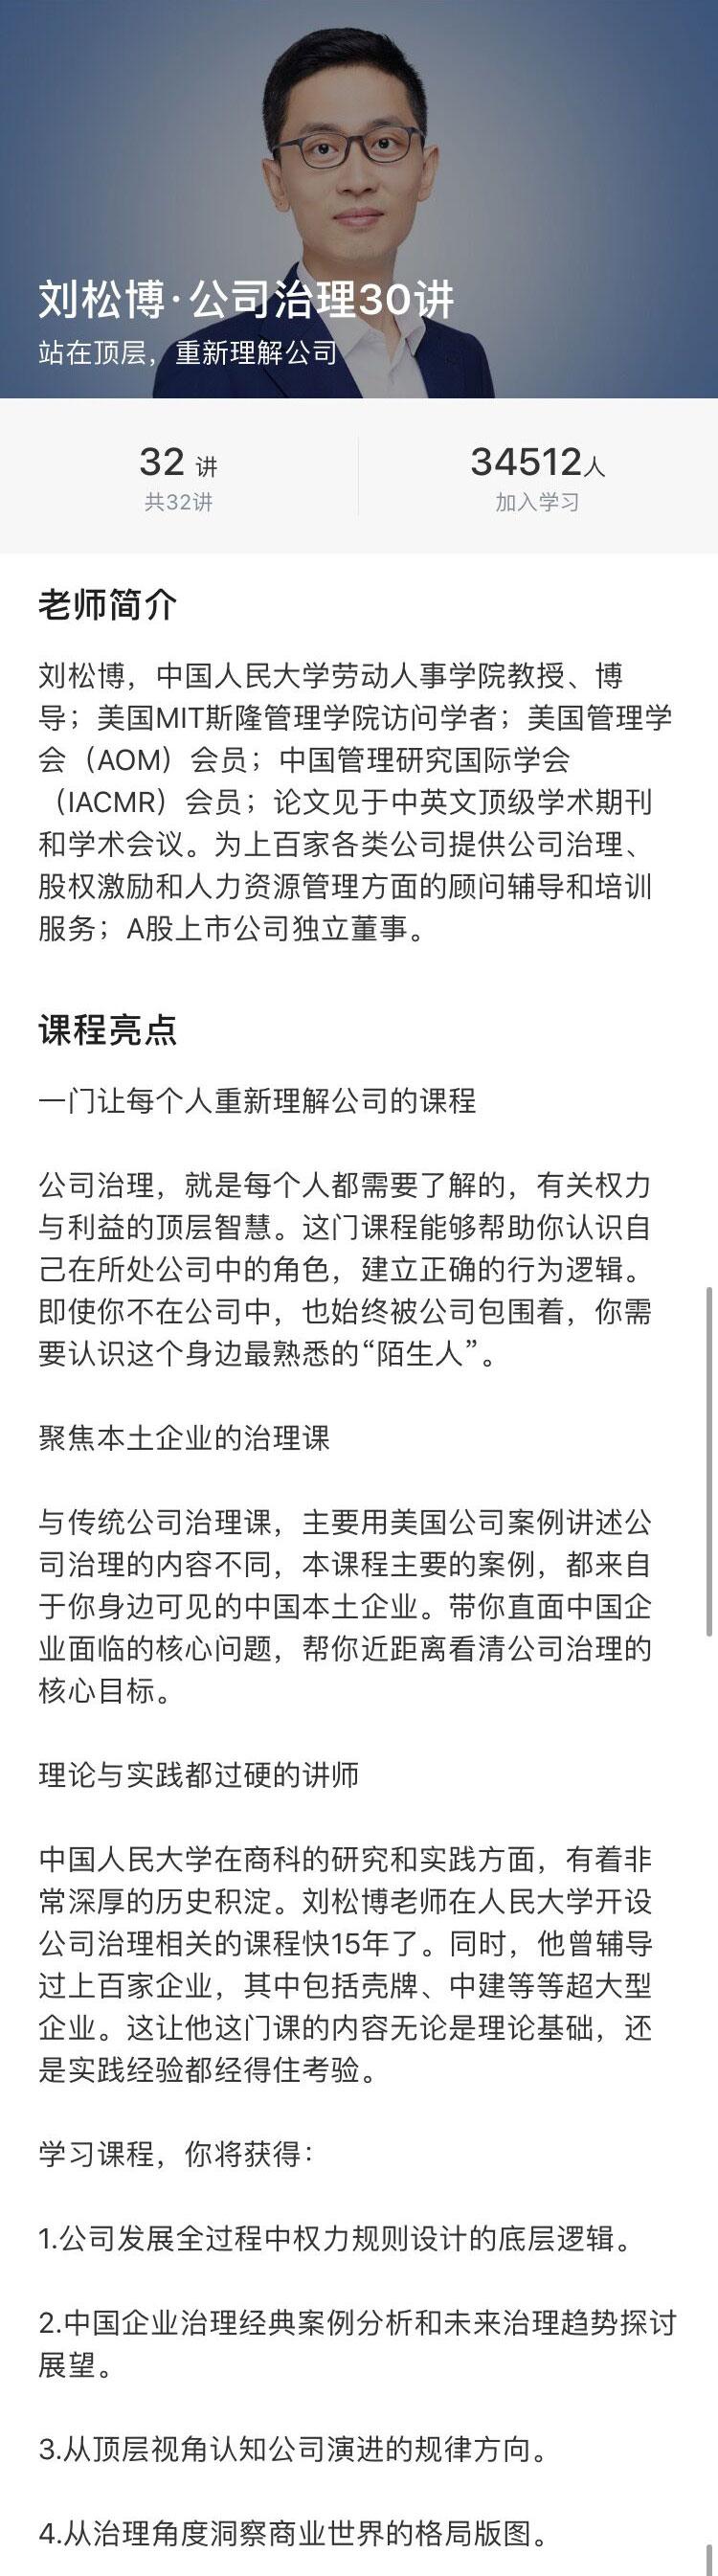 刘松博・公司治理30讲教程